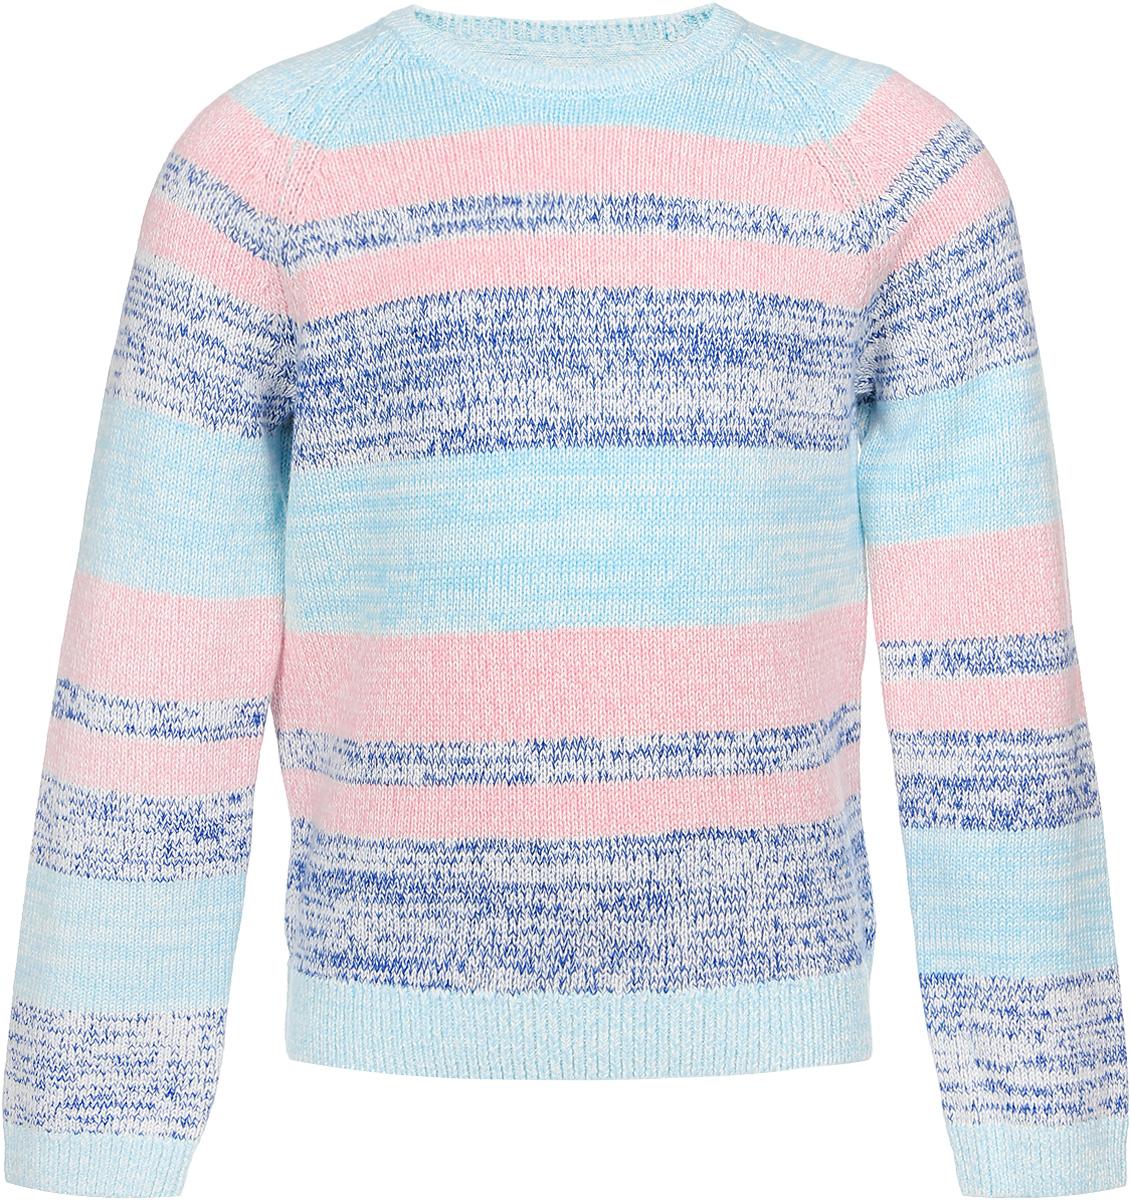 Джемпер для девочки Sela, цвет: синий, розовый, бирюзовый. JR-514/097-6311. Размер 116, 6 летJR-514/097-6311Джемпер для девочки Sela идеально подойдет вашей маленькой моднице. Изготовленный из натурального хлопка, он необычайно мягкий и приятный на ощупь, не сковывает движения, обеспечивая наибольший комфорт. Модель с длинными рукавами-реглан и круглым вырезом горловины оформлена принтом в полоску. Вырез горловины, низ джемпера и рукава связаны резинкой. Современный дизайн и расцветка делают этот джемпер модным и стильным предметом детского гардероба. В нем ваша дочурка будет чувствовать себя уютно, комфортно и всегда будет в центре внимания!